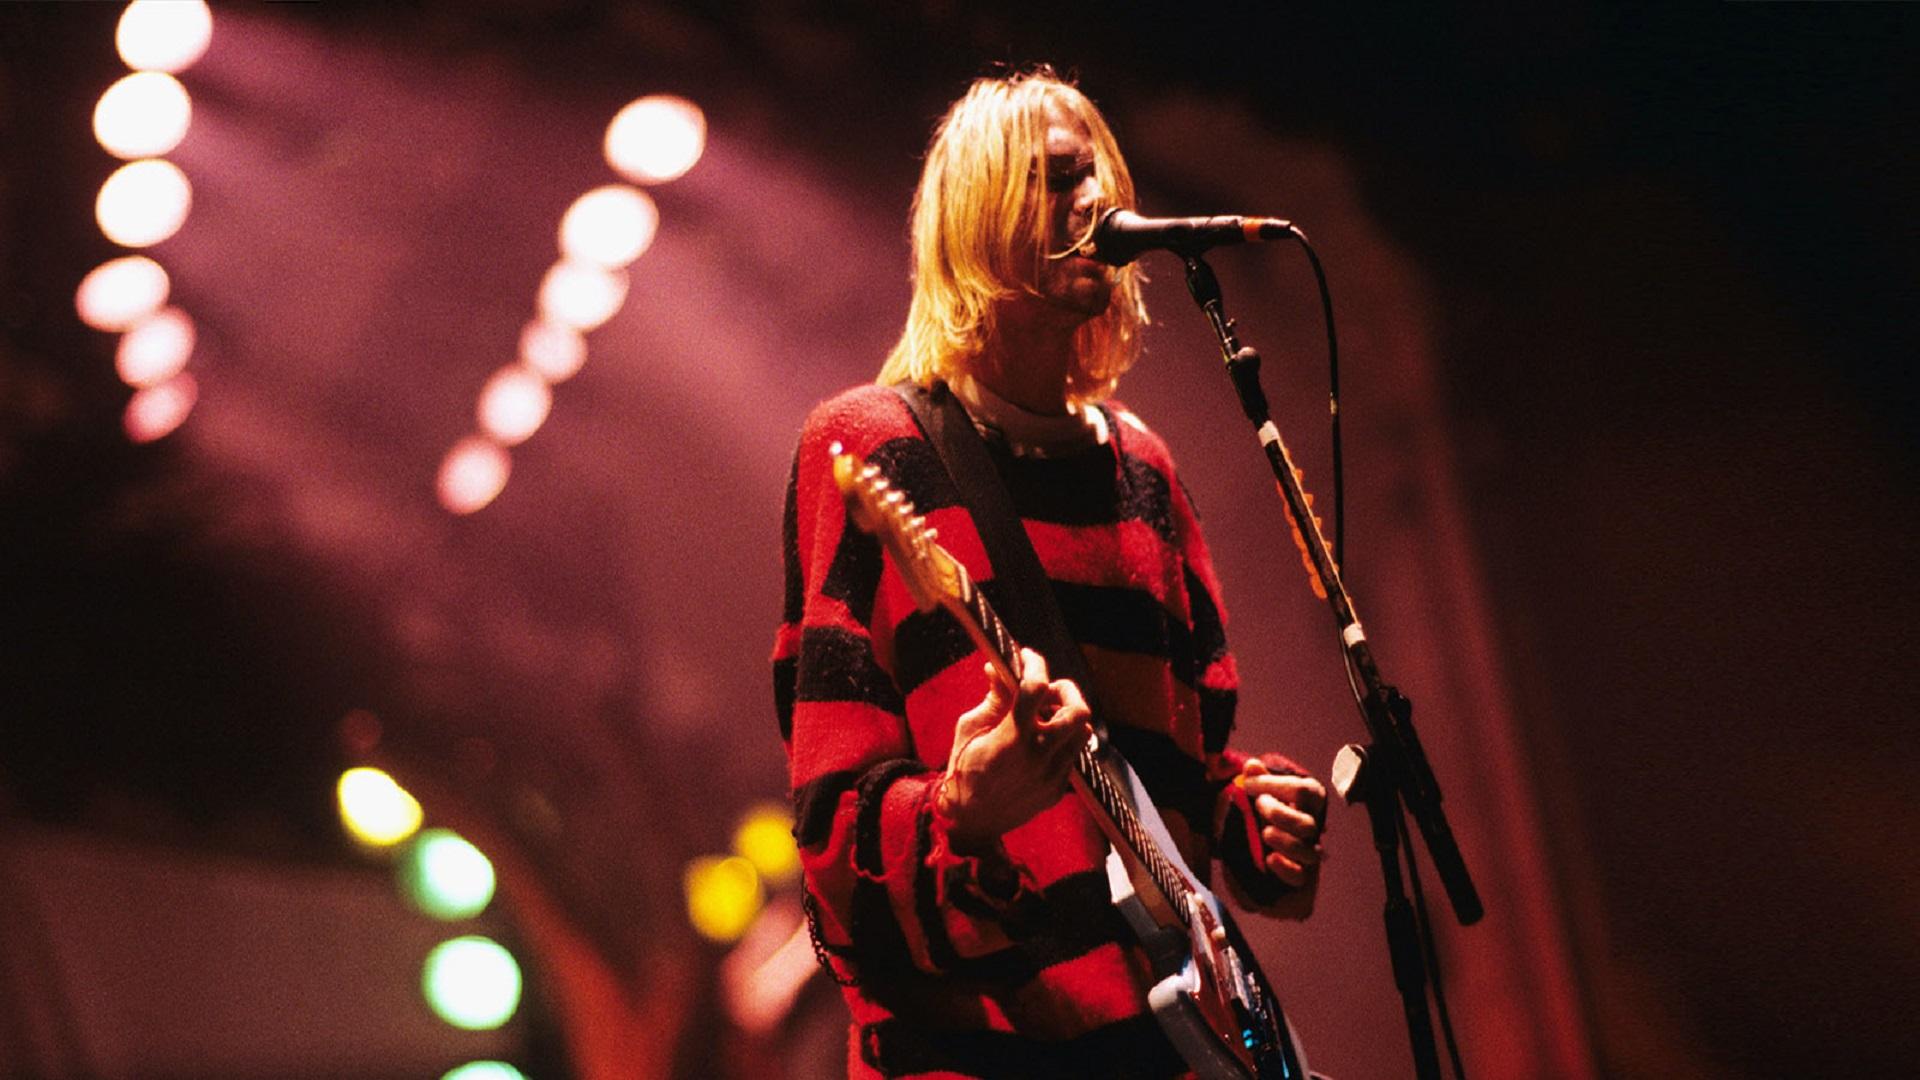 El frontman Kurt Cobain cantando en un concierto con luces rojas